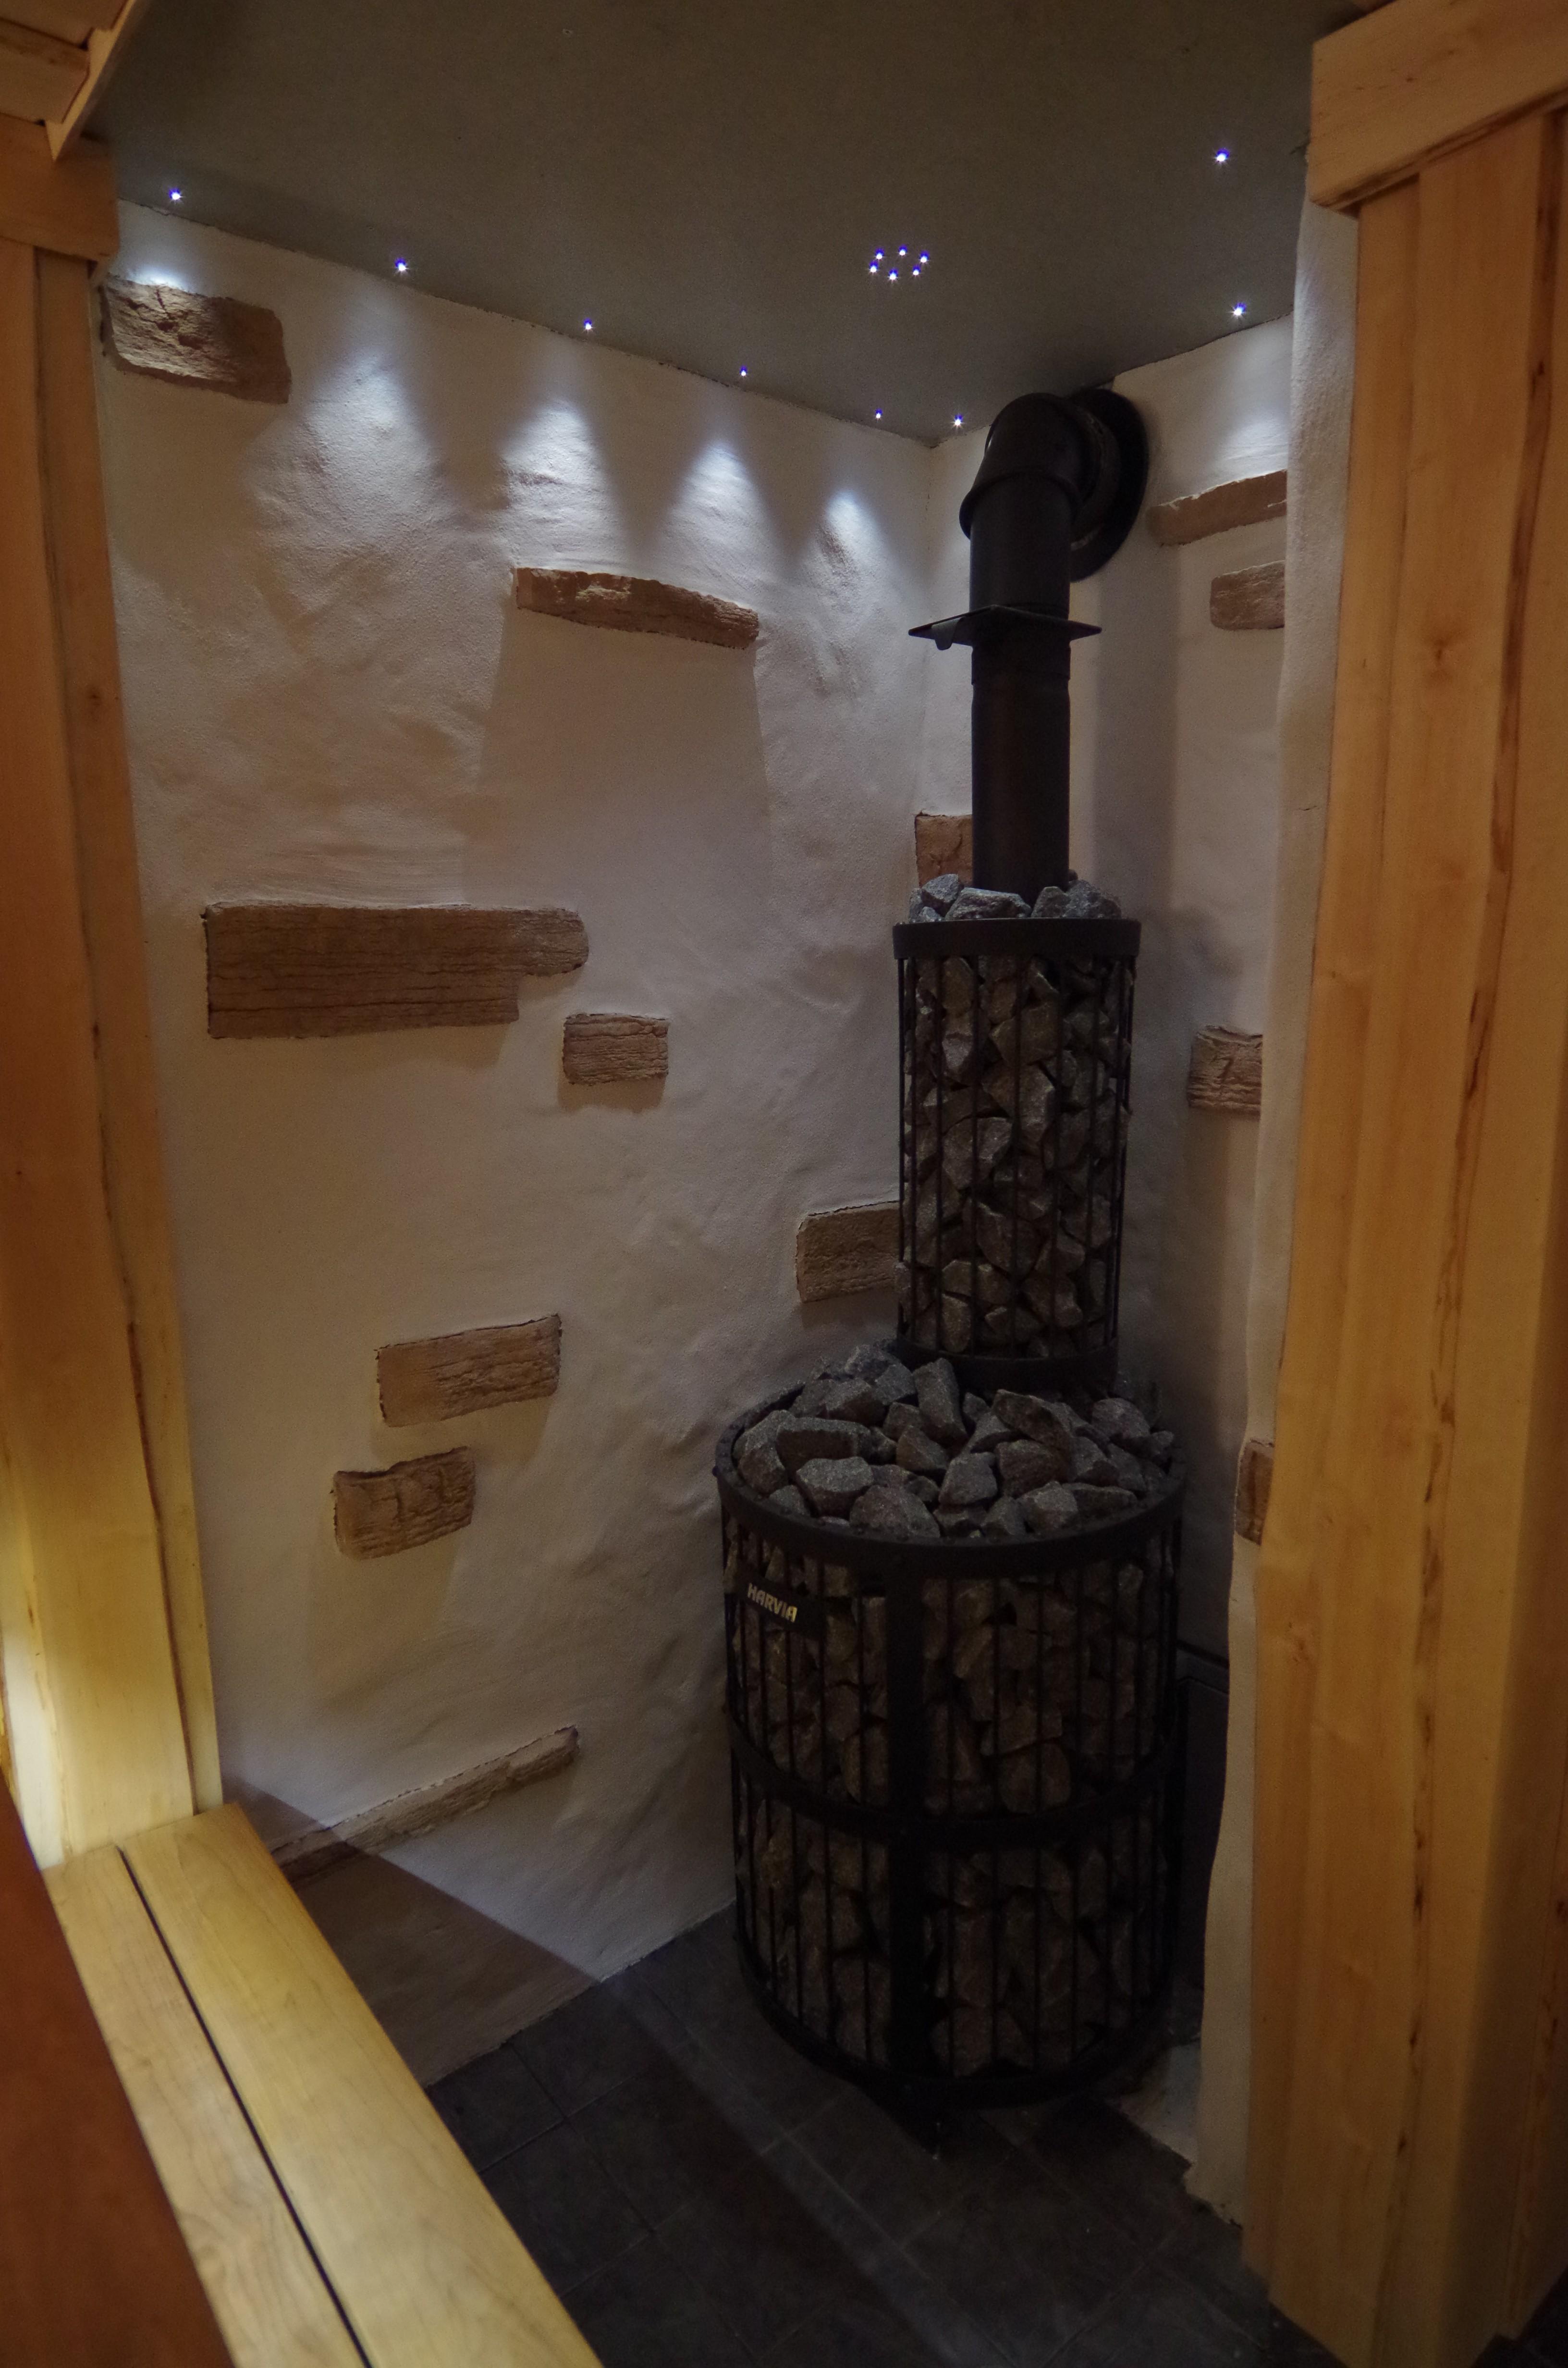 holz sauna fen harvia legend 240 sl 1 g nstig. Black Bedroom Furniture Sets. Home Design Ideas